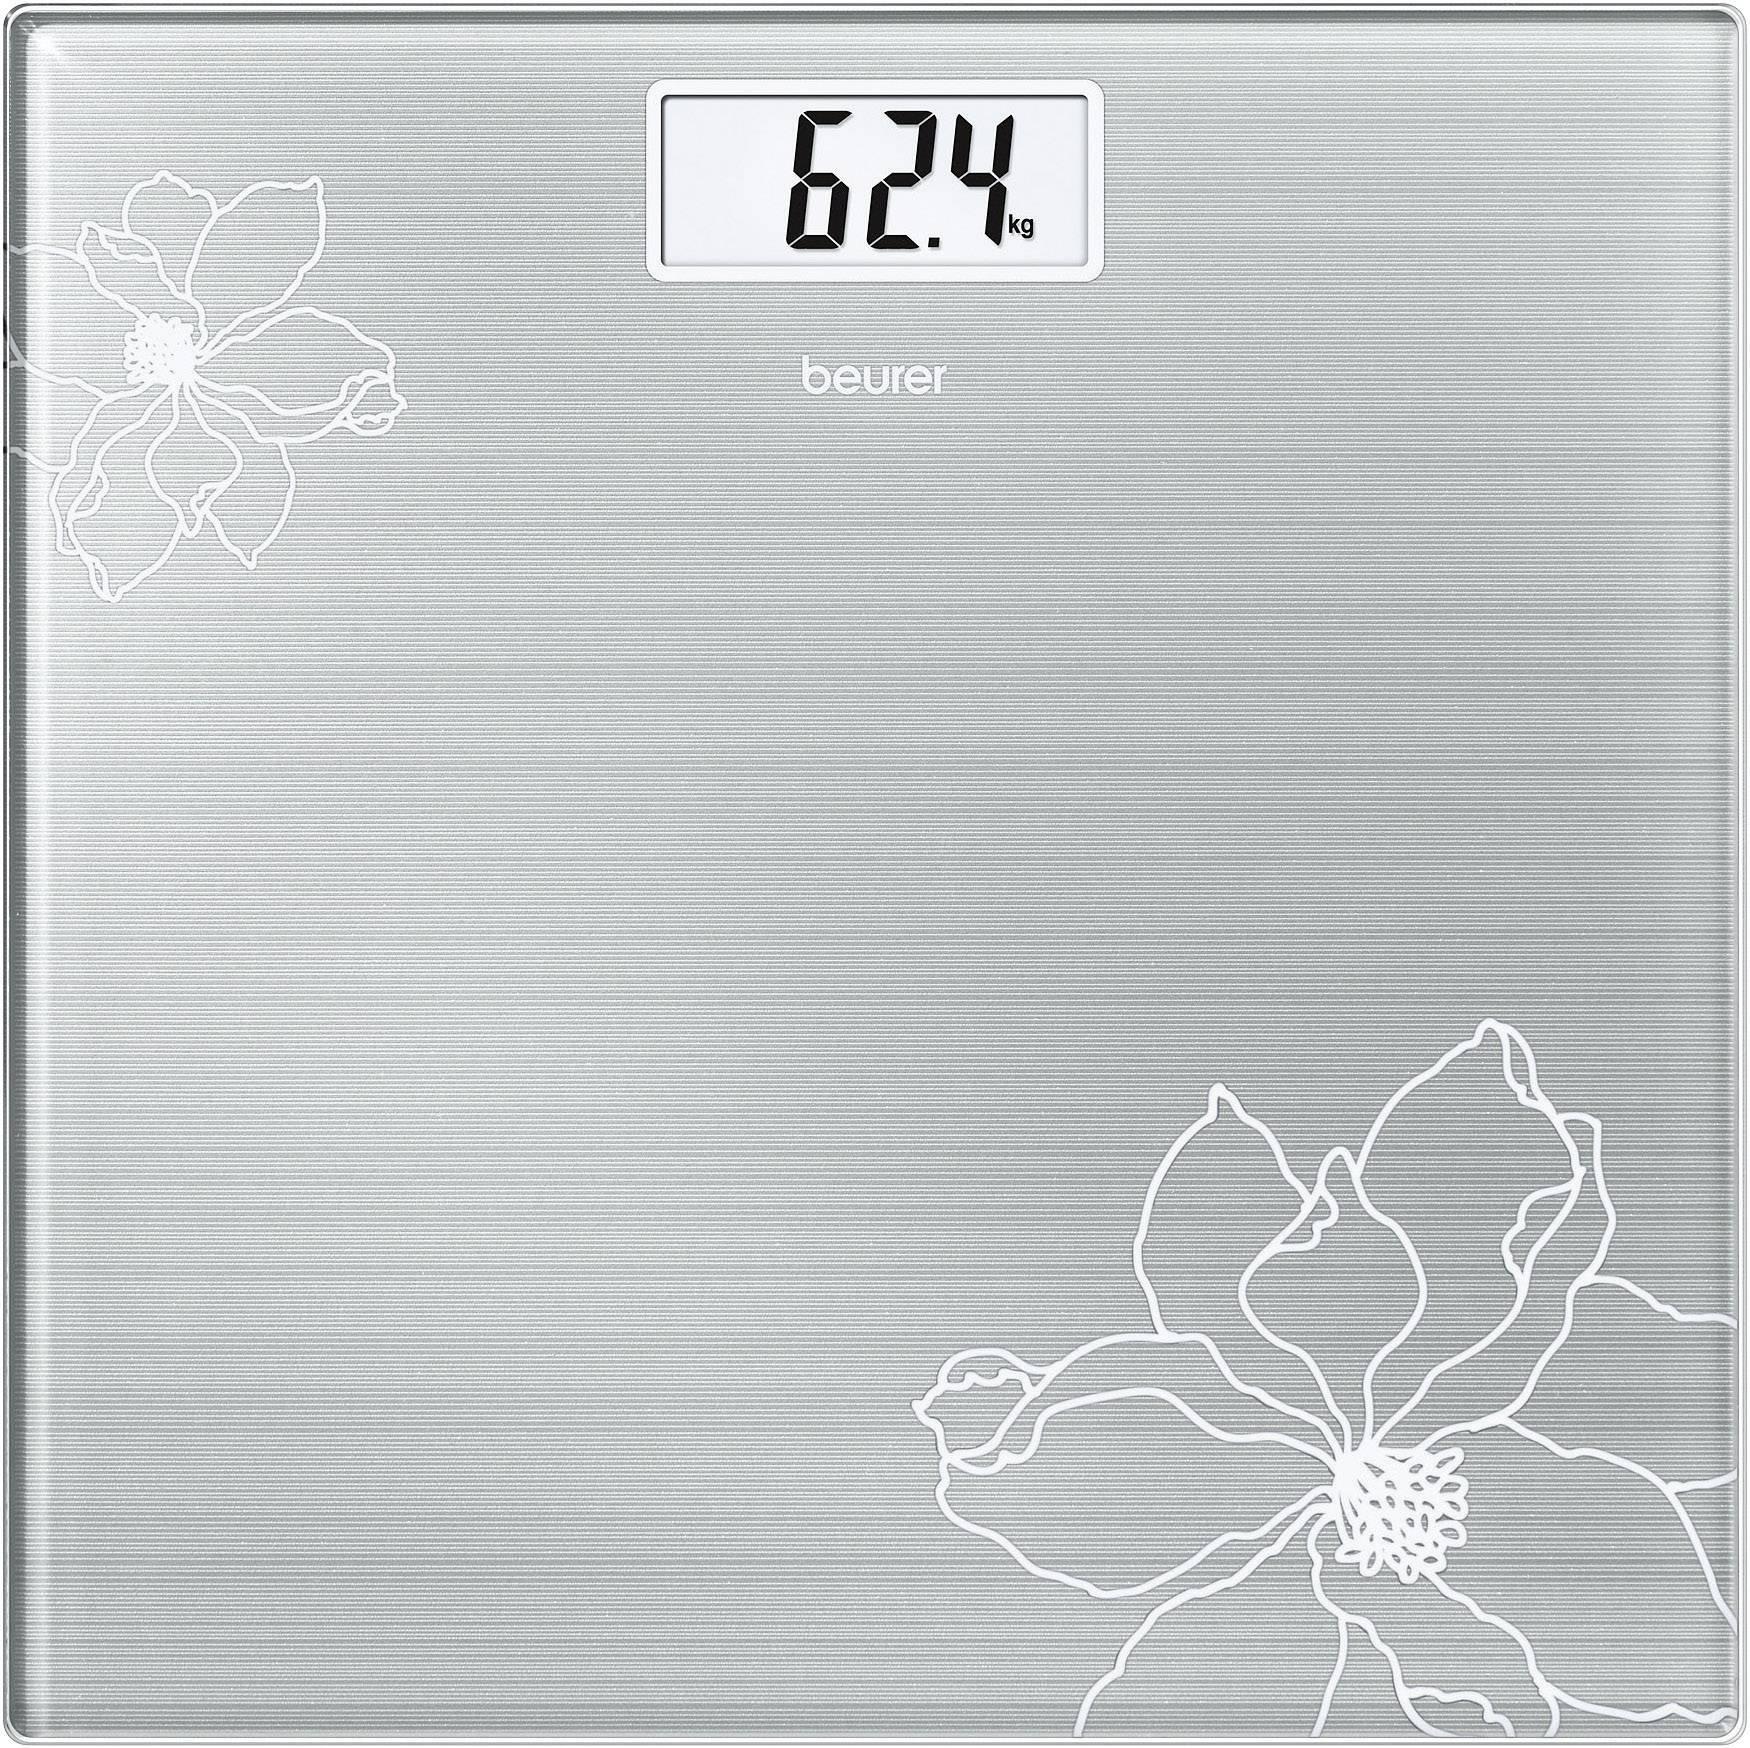 Digitální osobní váha Beurer GS 10, nerezová ocel